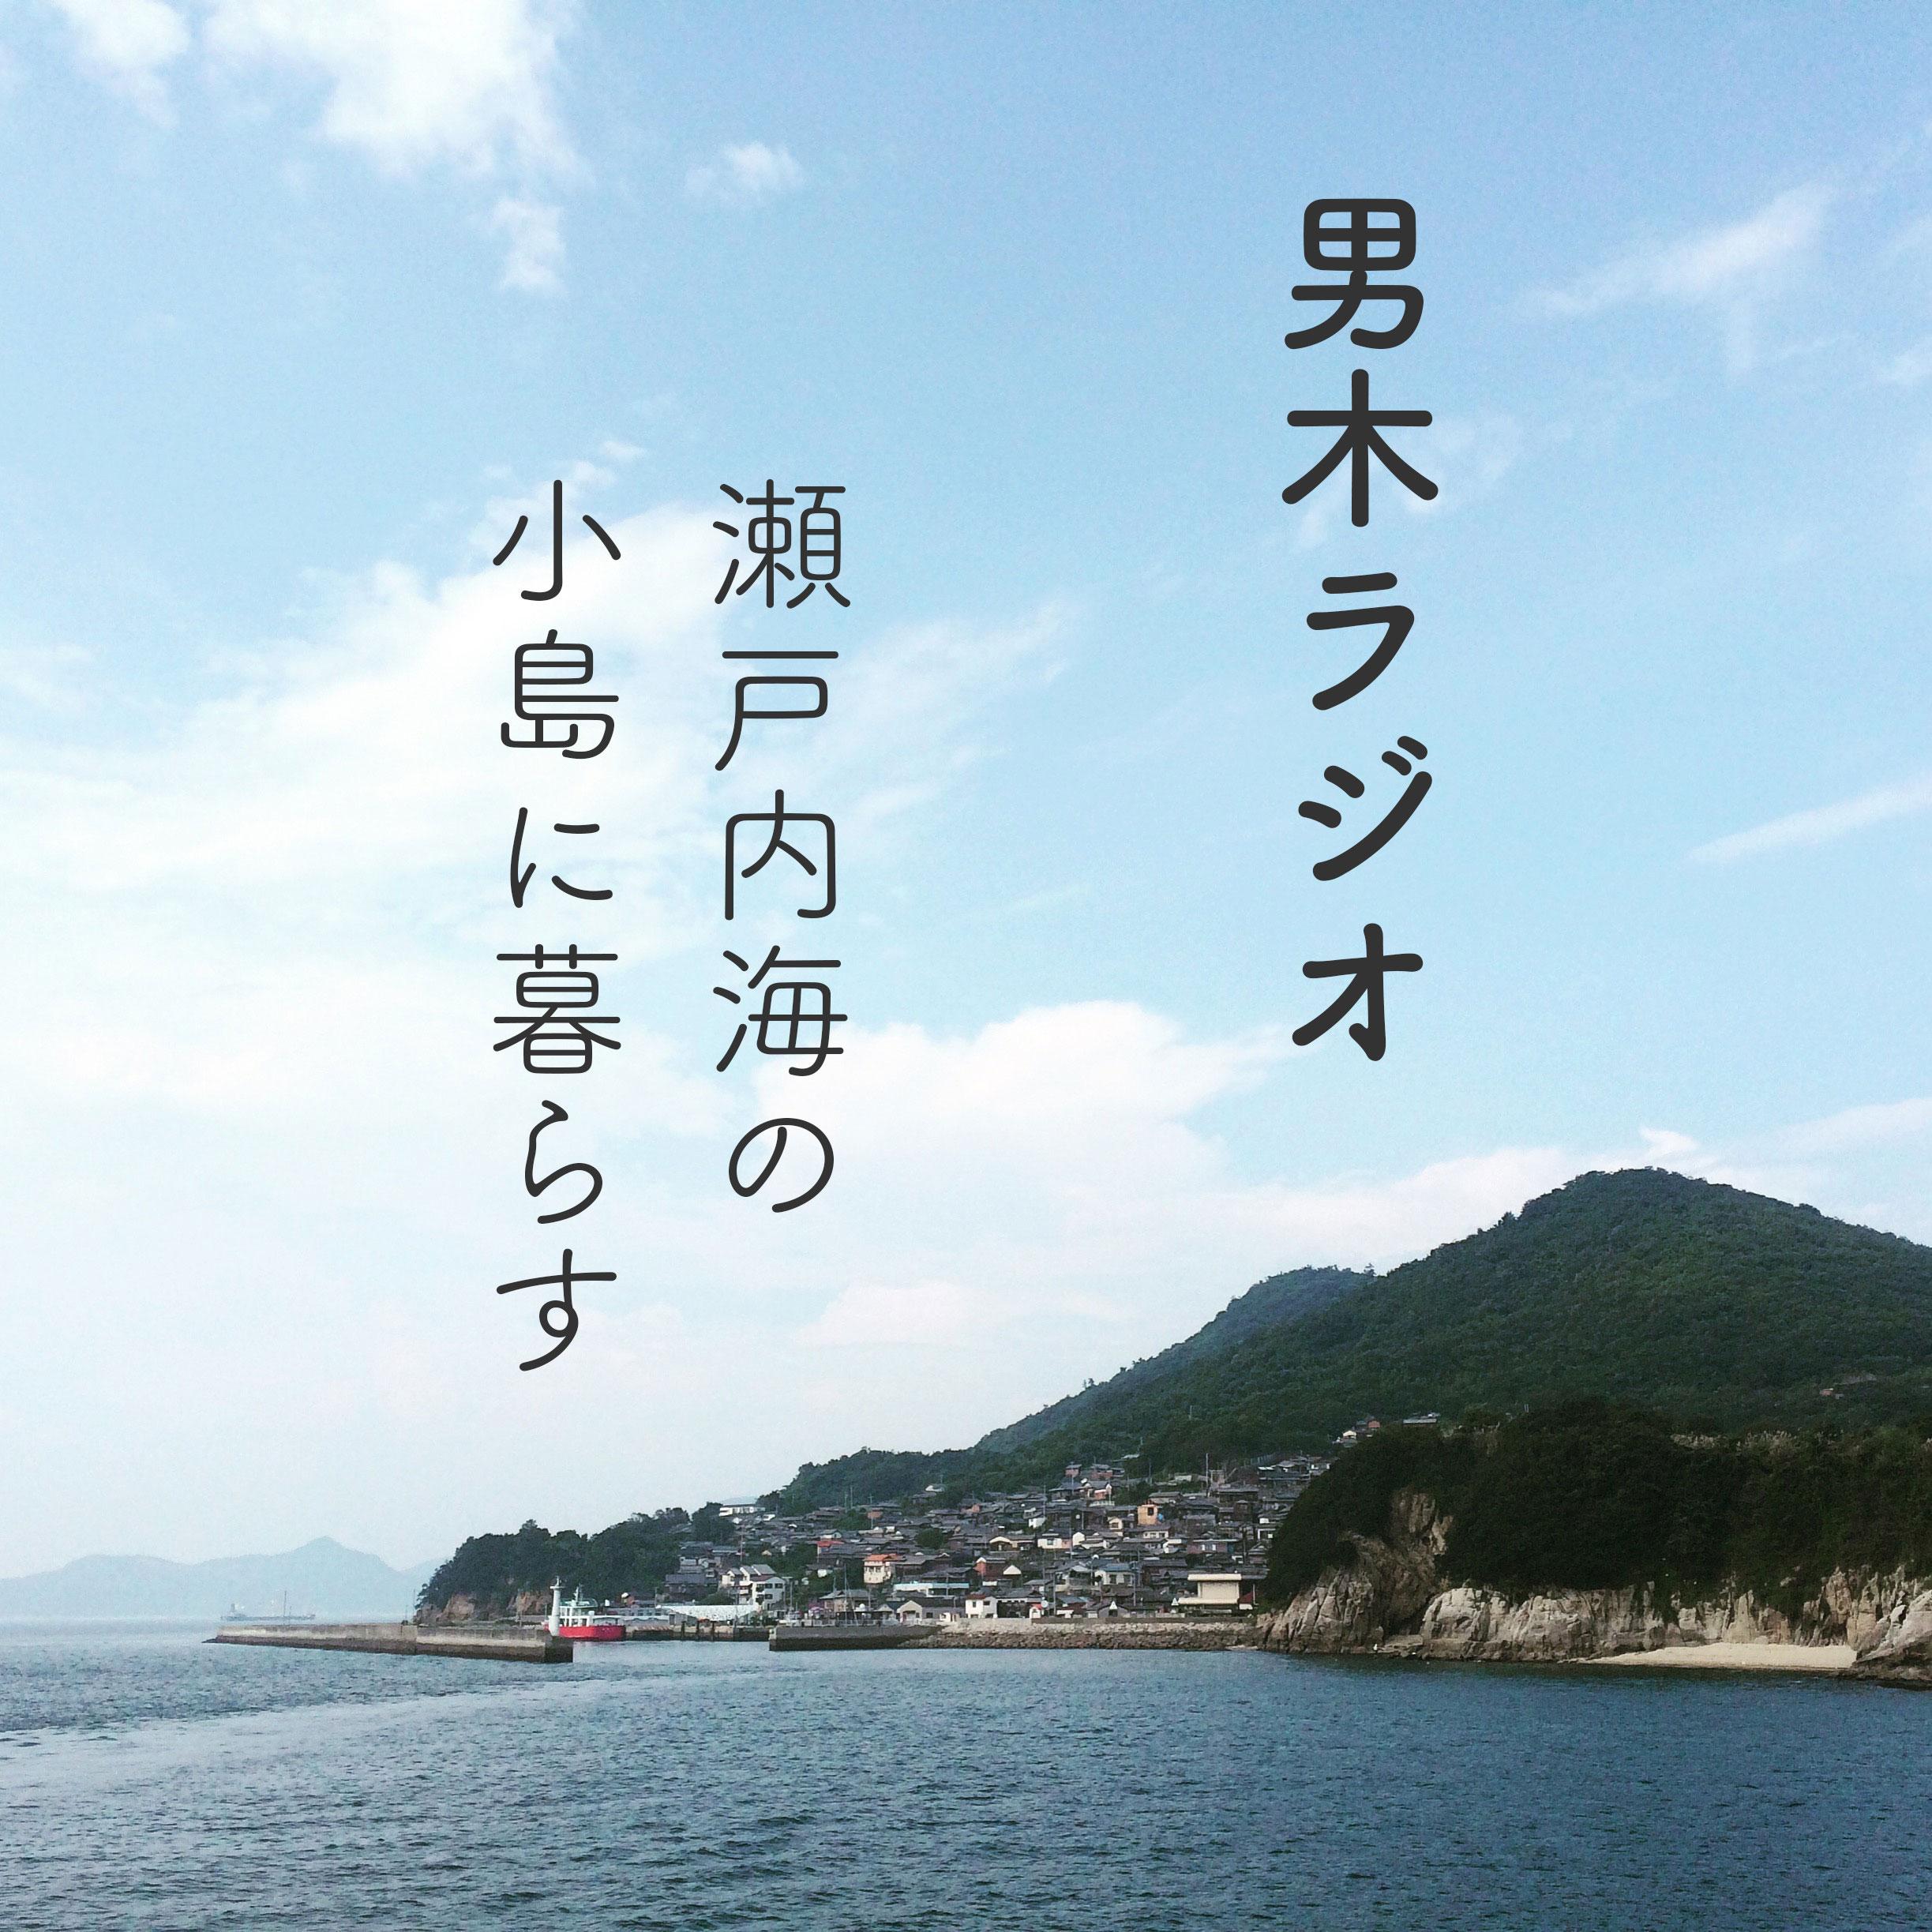 男木ラジオ 瀬戸内海の小島に暮らす